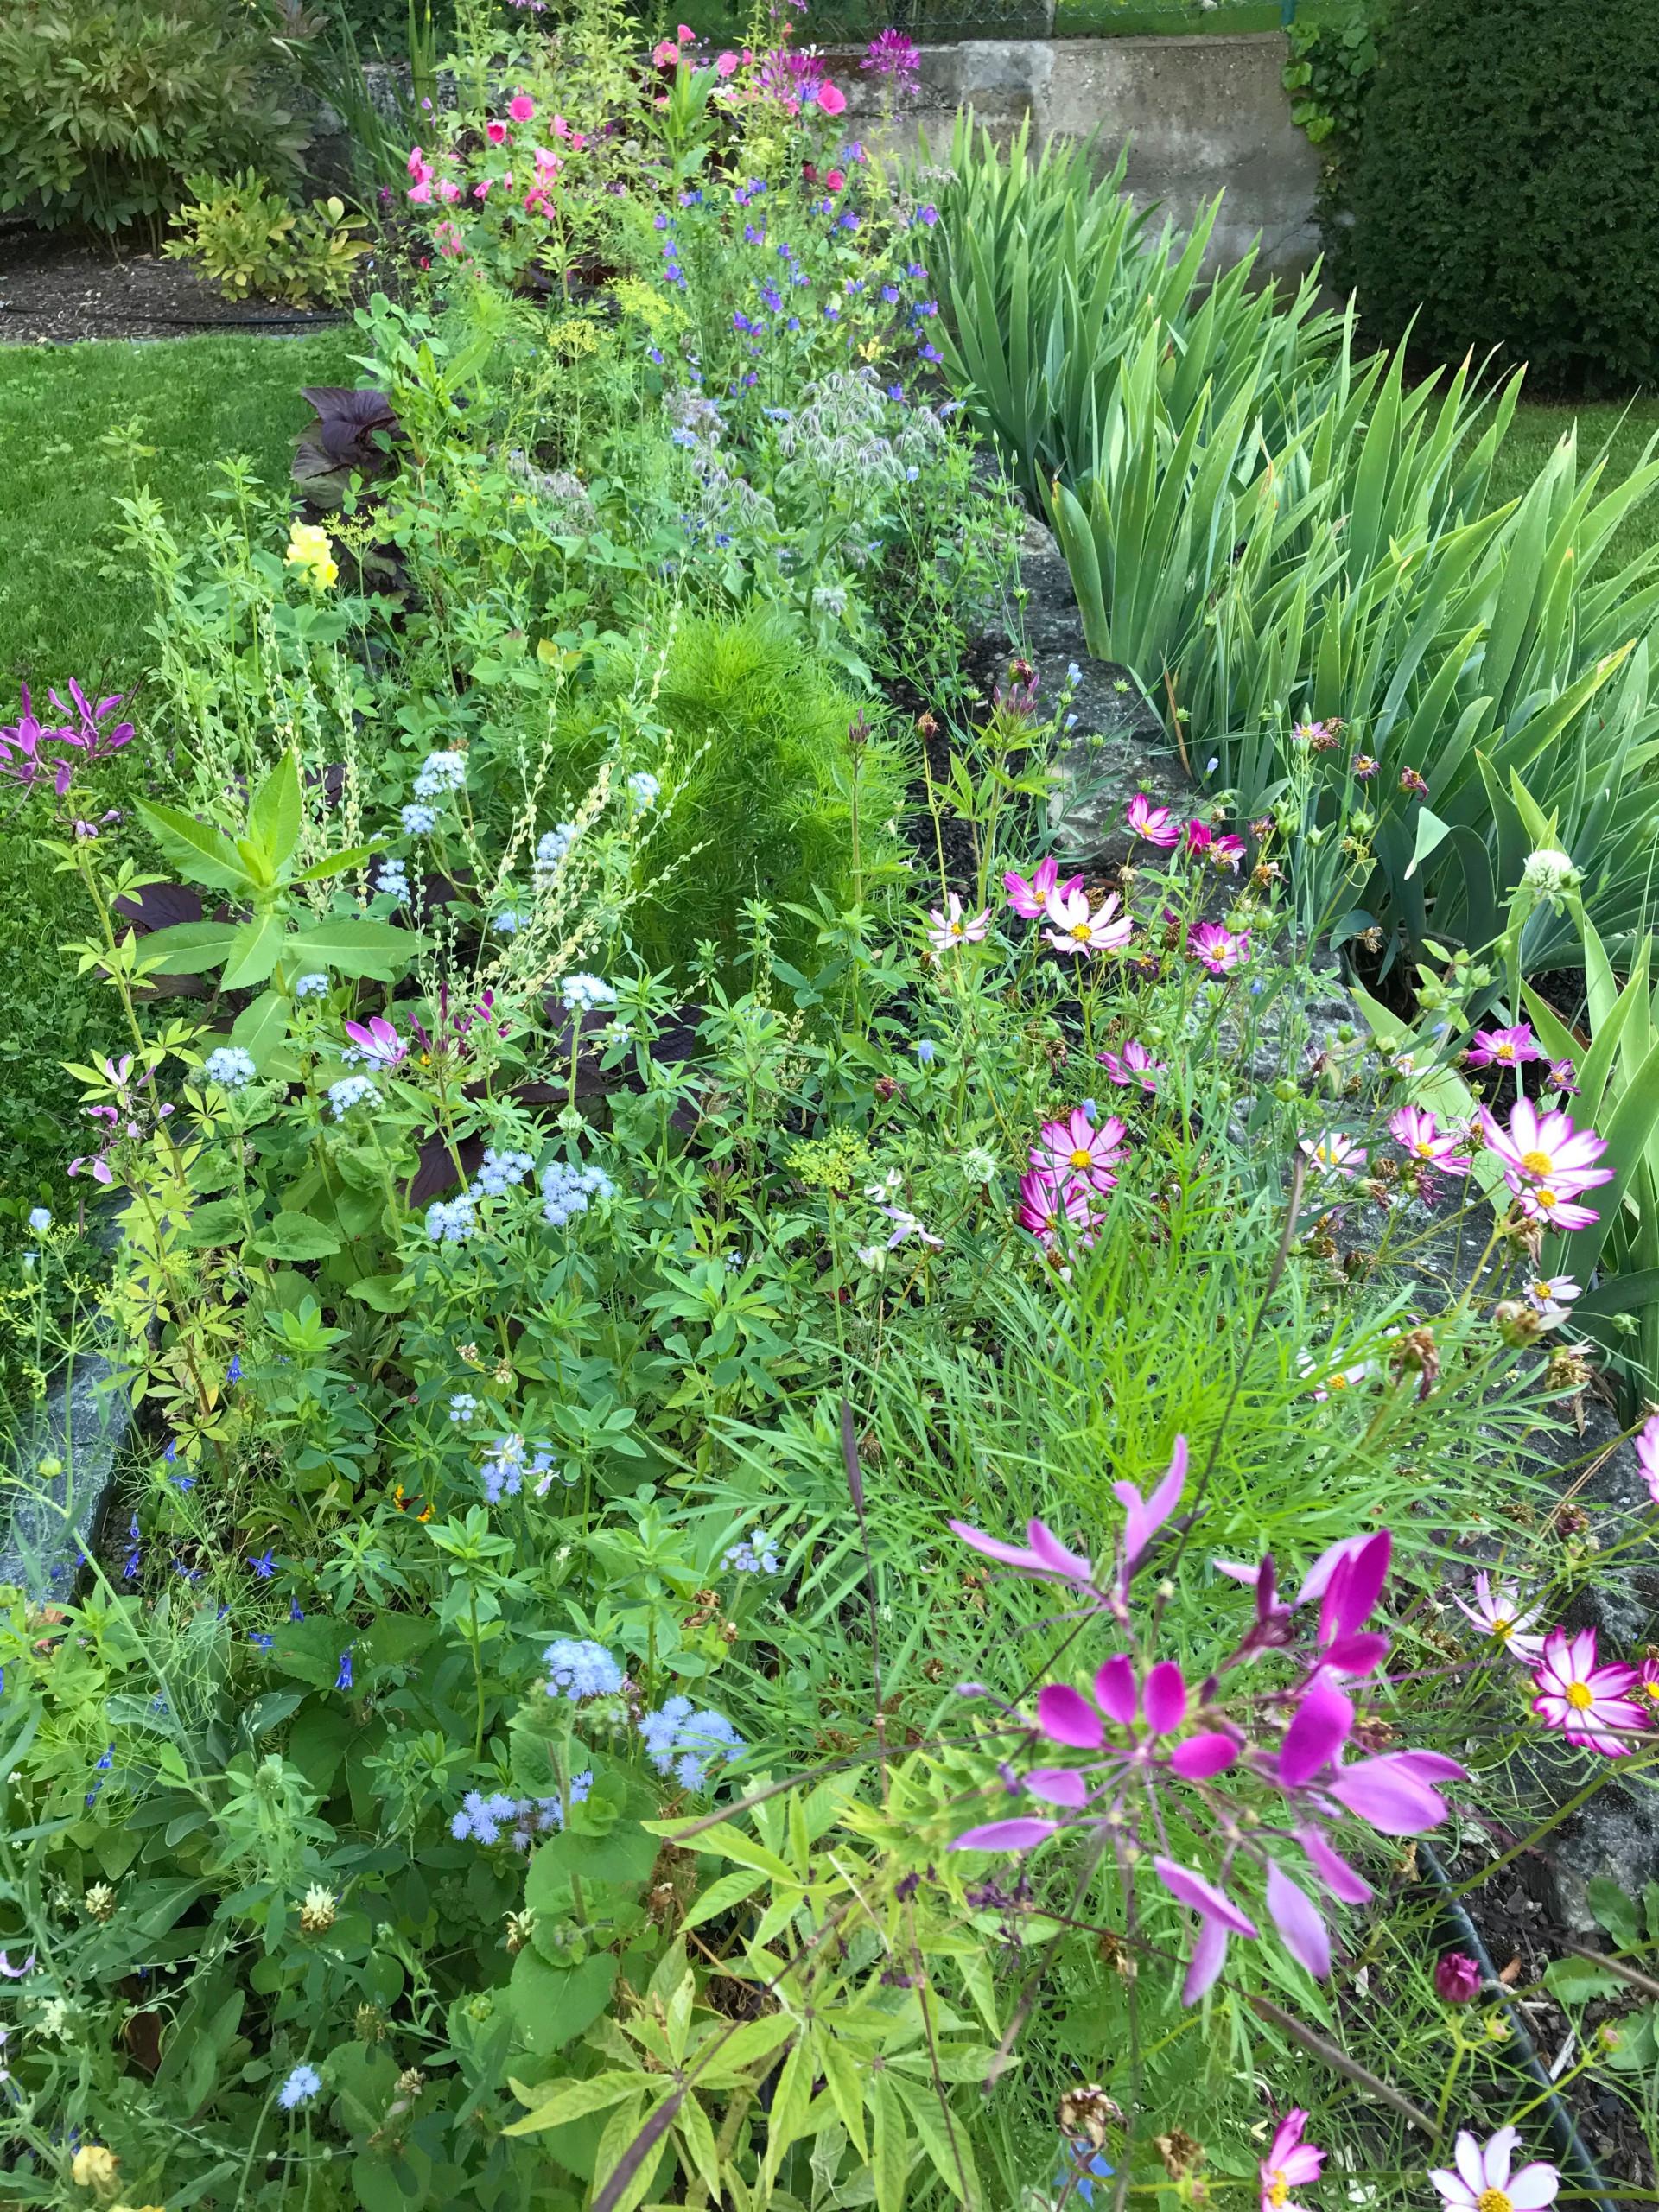 Blumenwiese wild